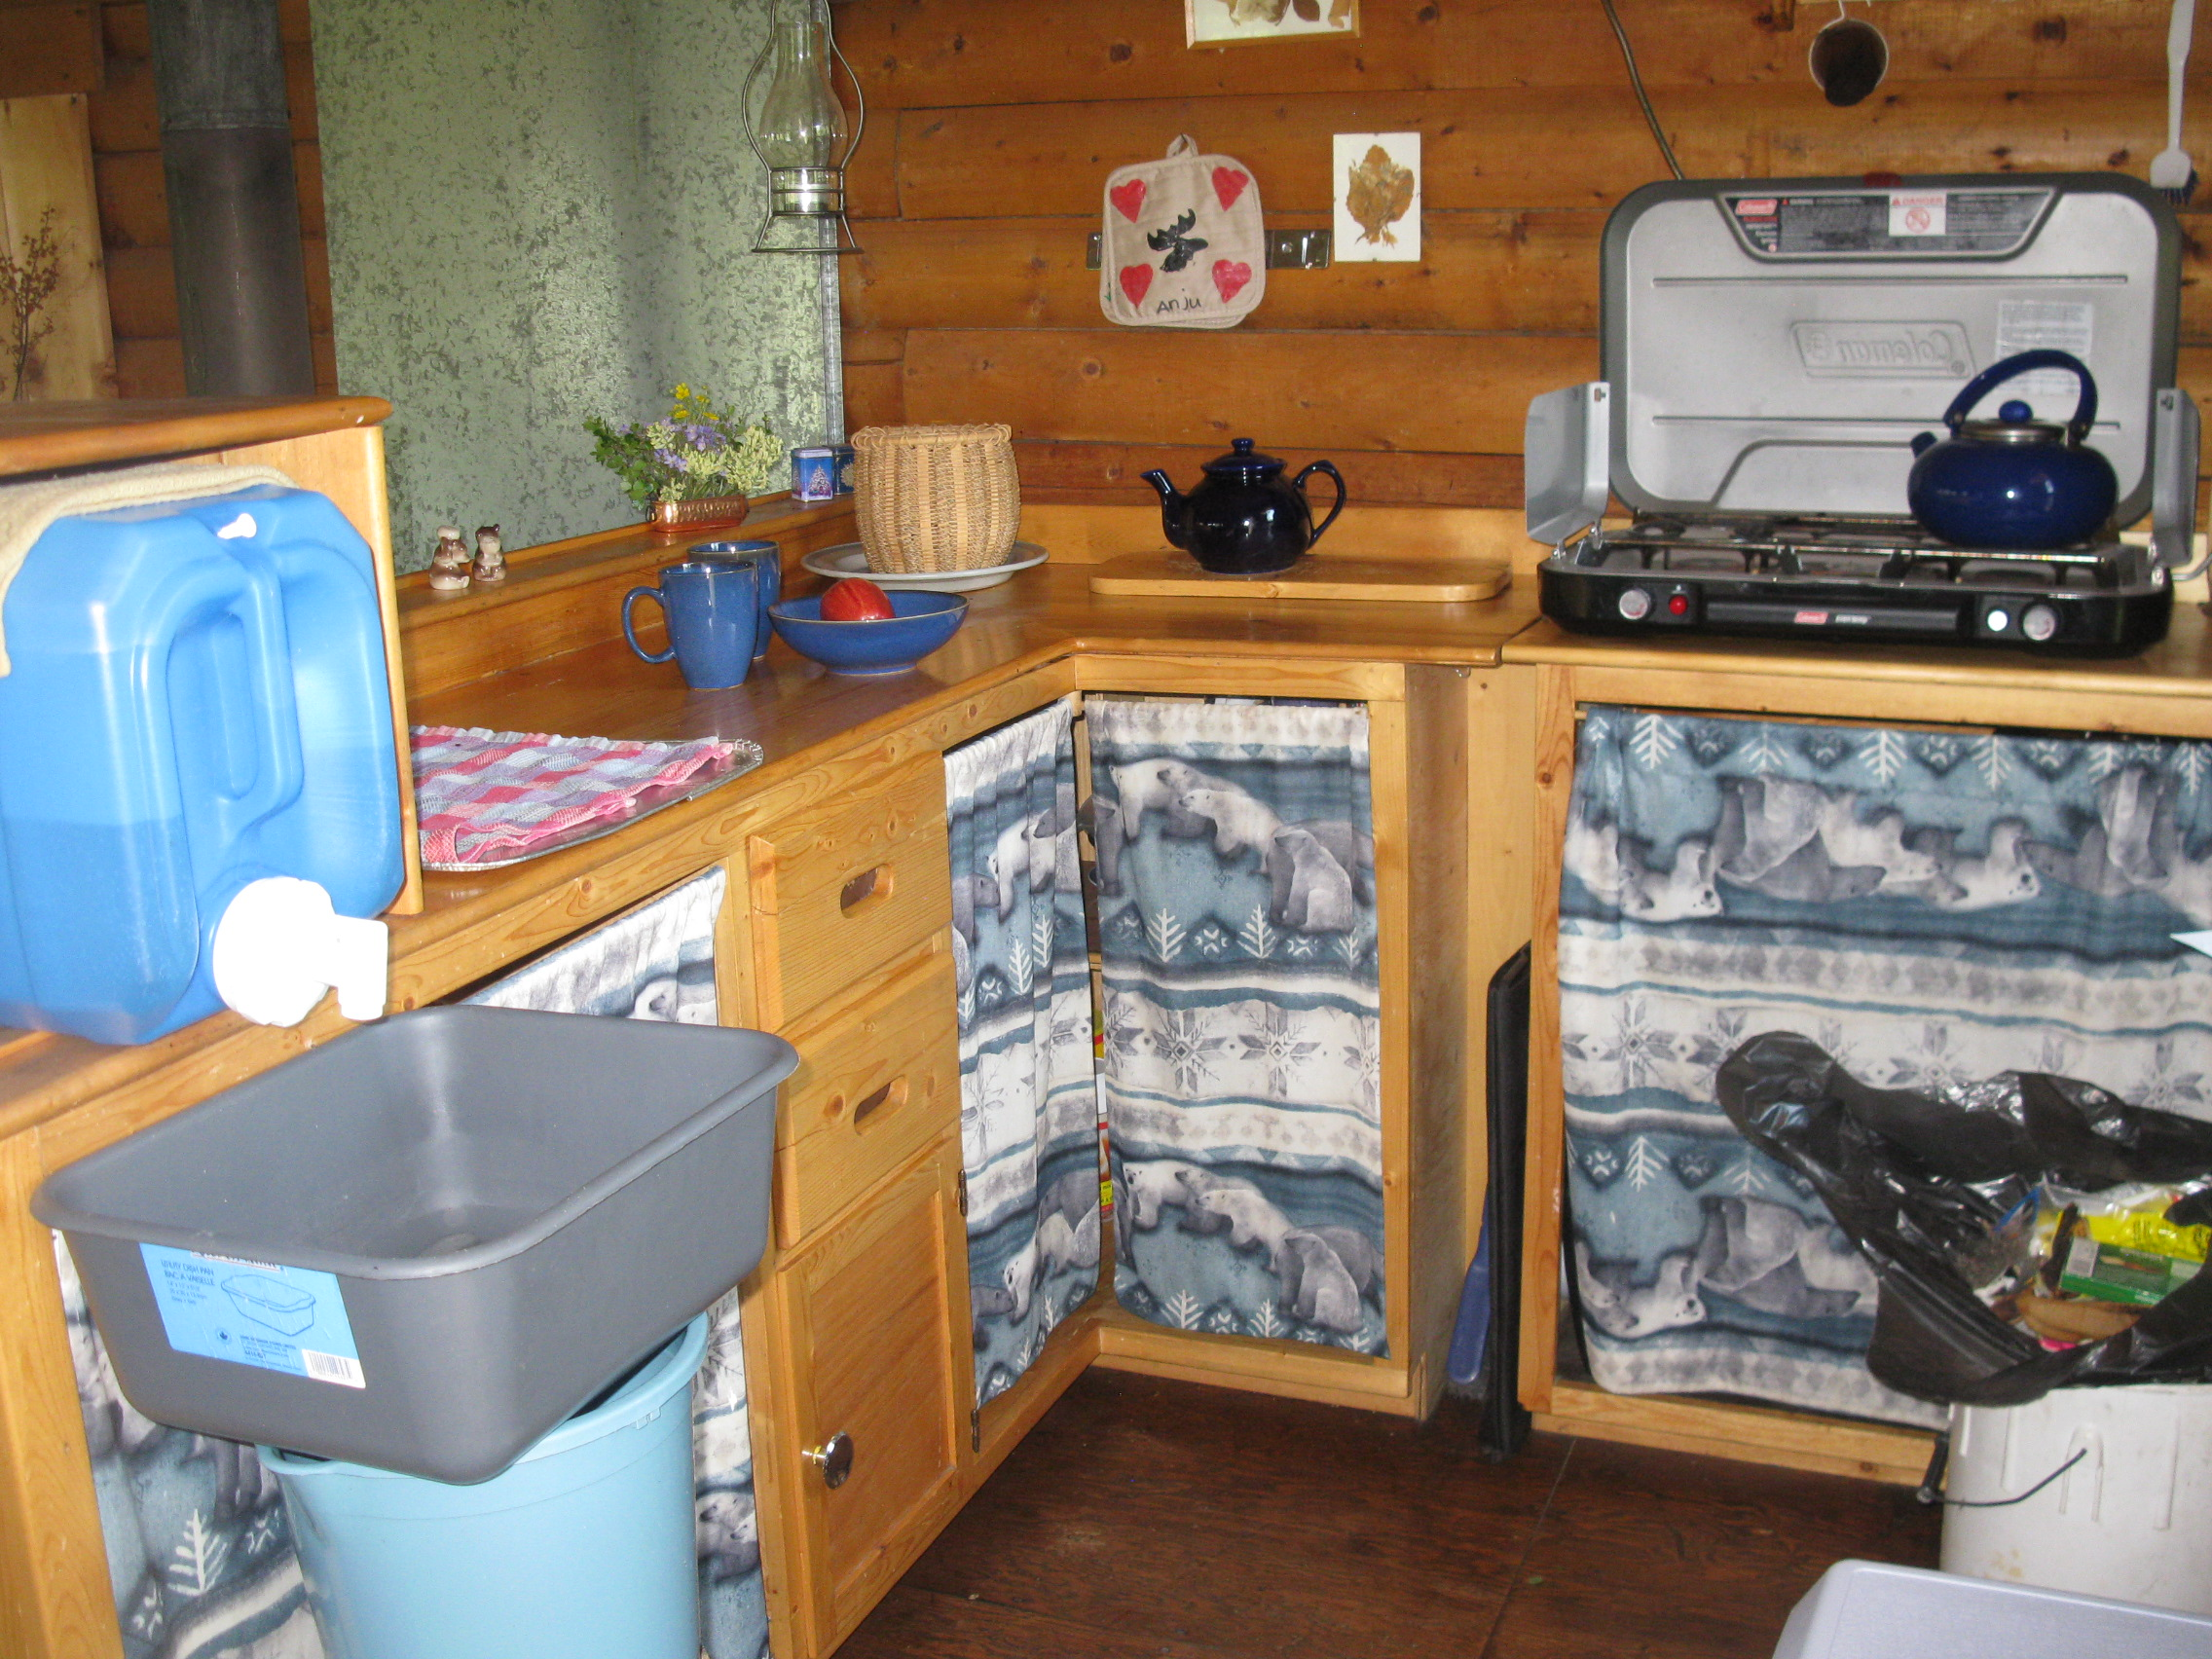 cabin rental kitchen area